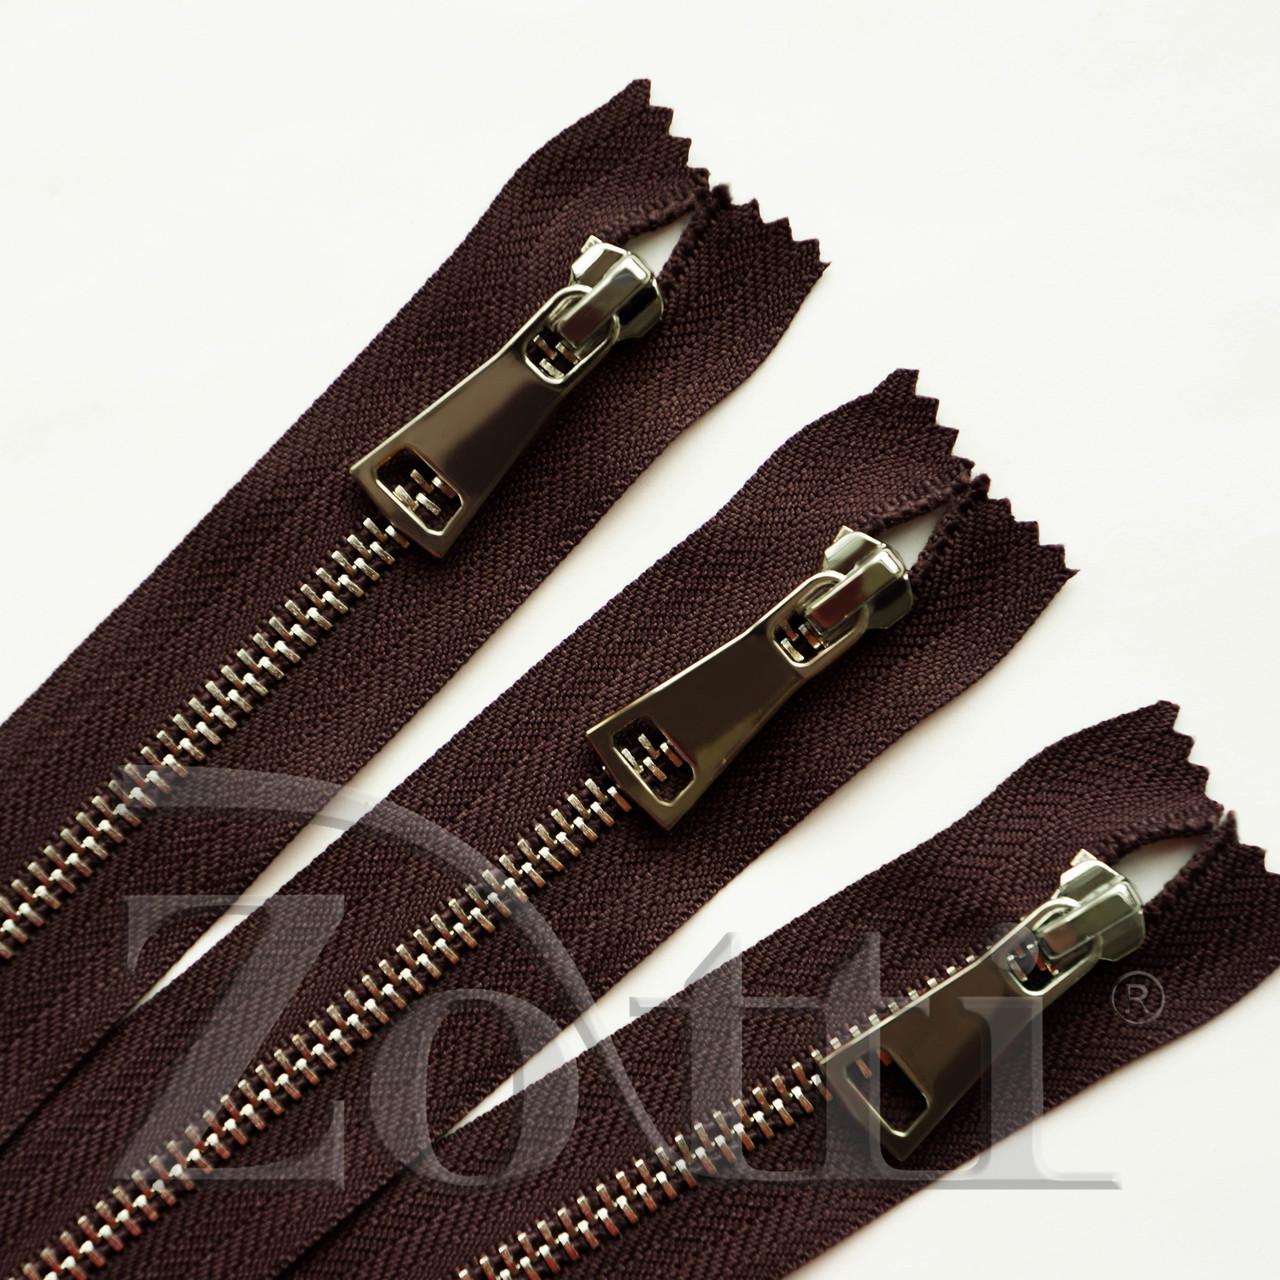 Молния (змейка,застежка) металлическая №5, размерная, обувная, коричневая, с серебряным бегунком № 115 - 25 см